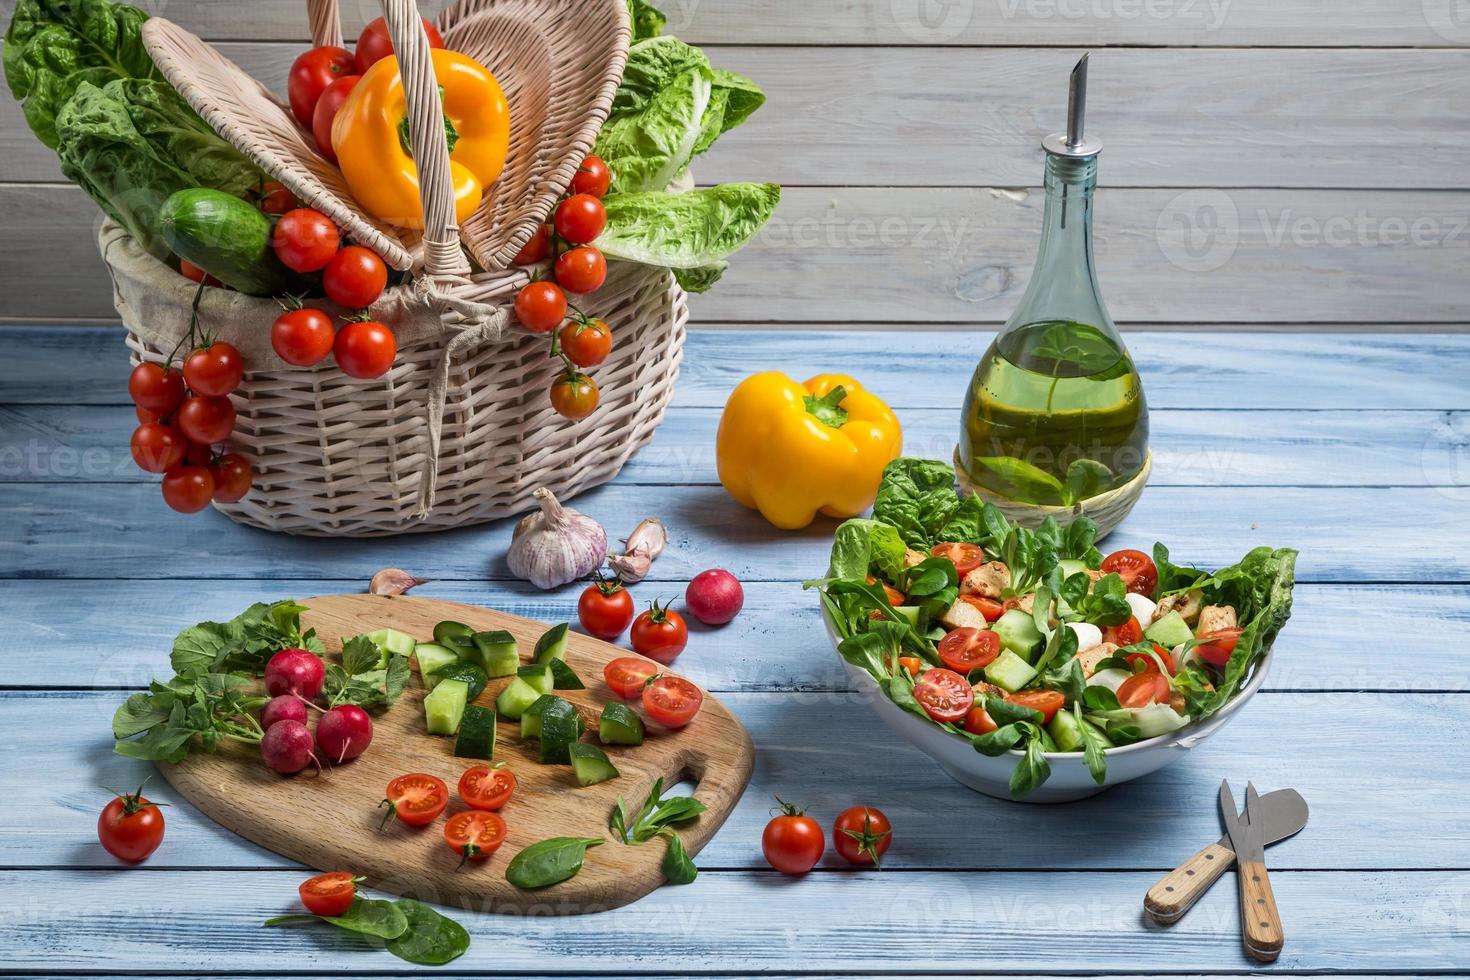 salade saine à base de légumes frais photo